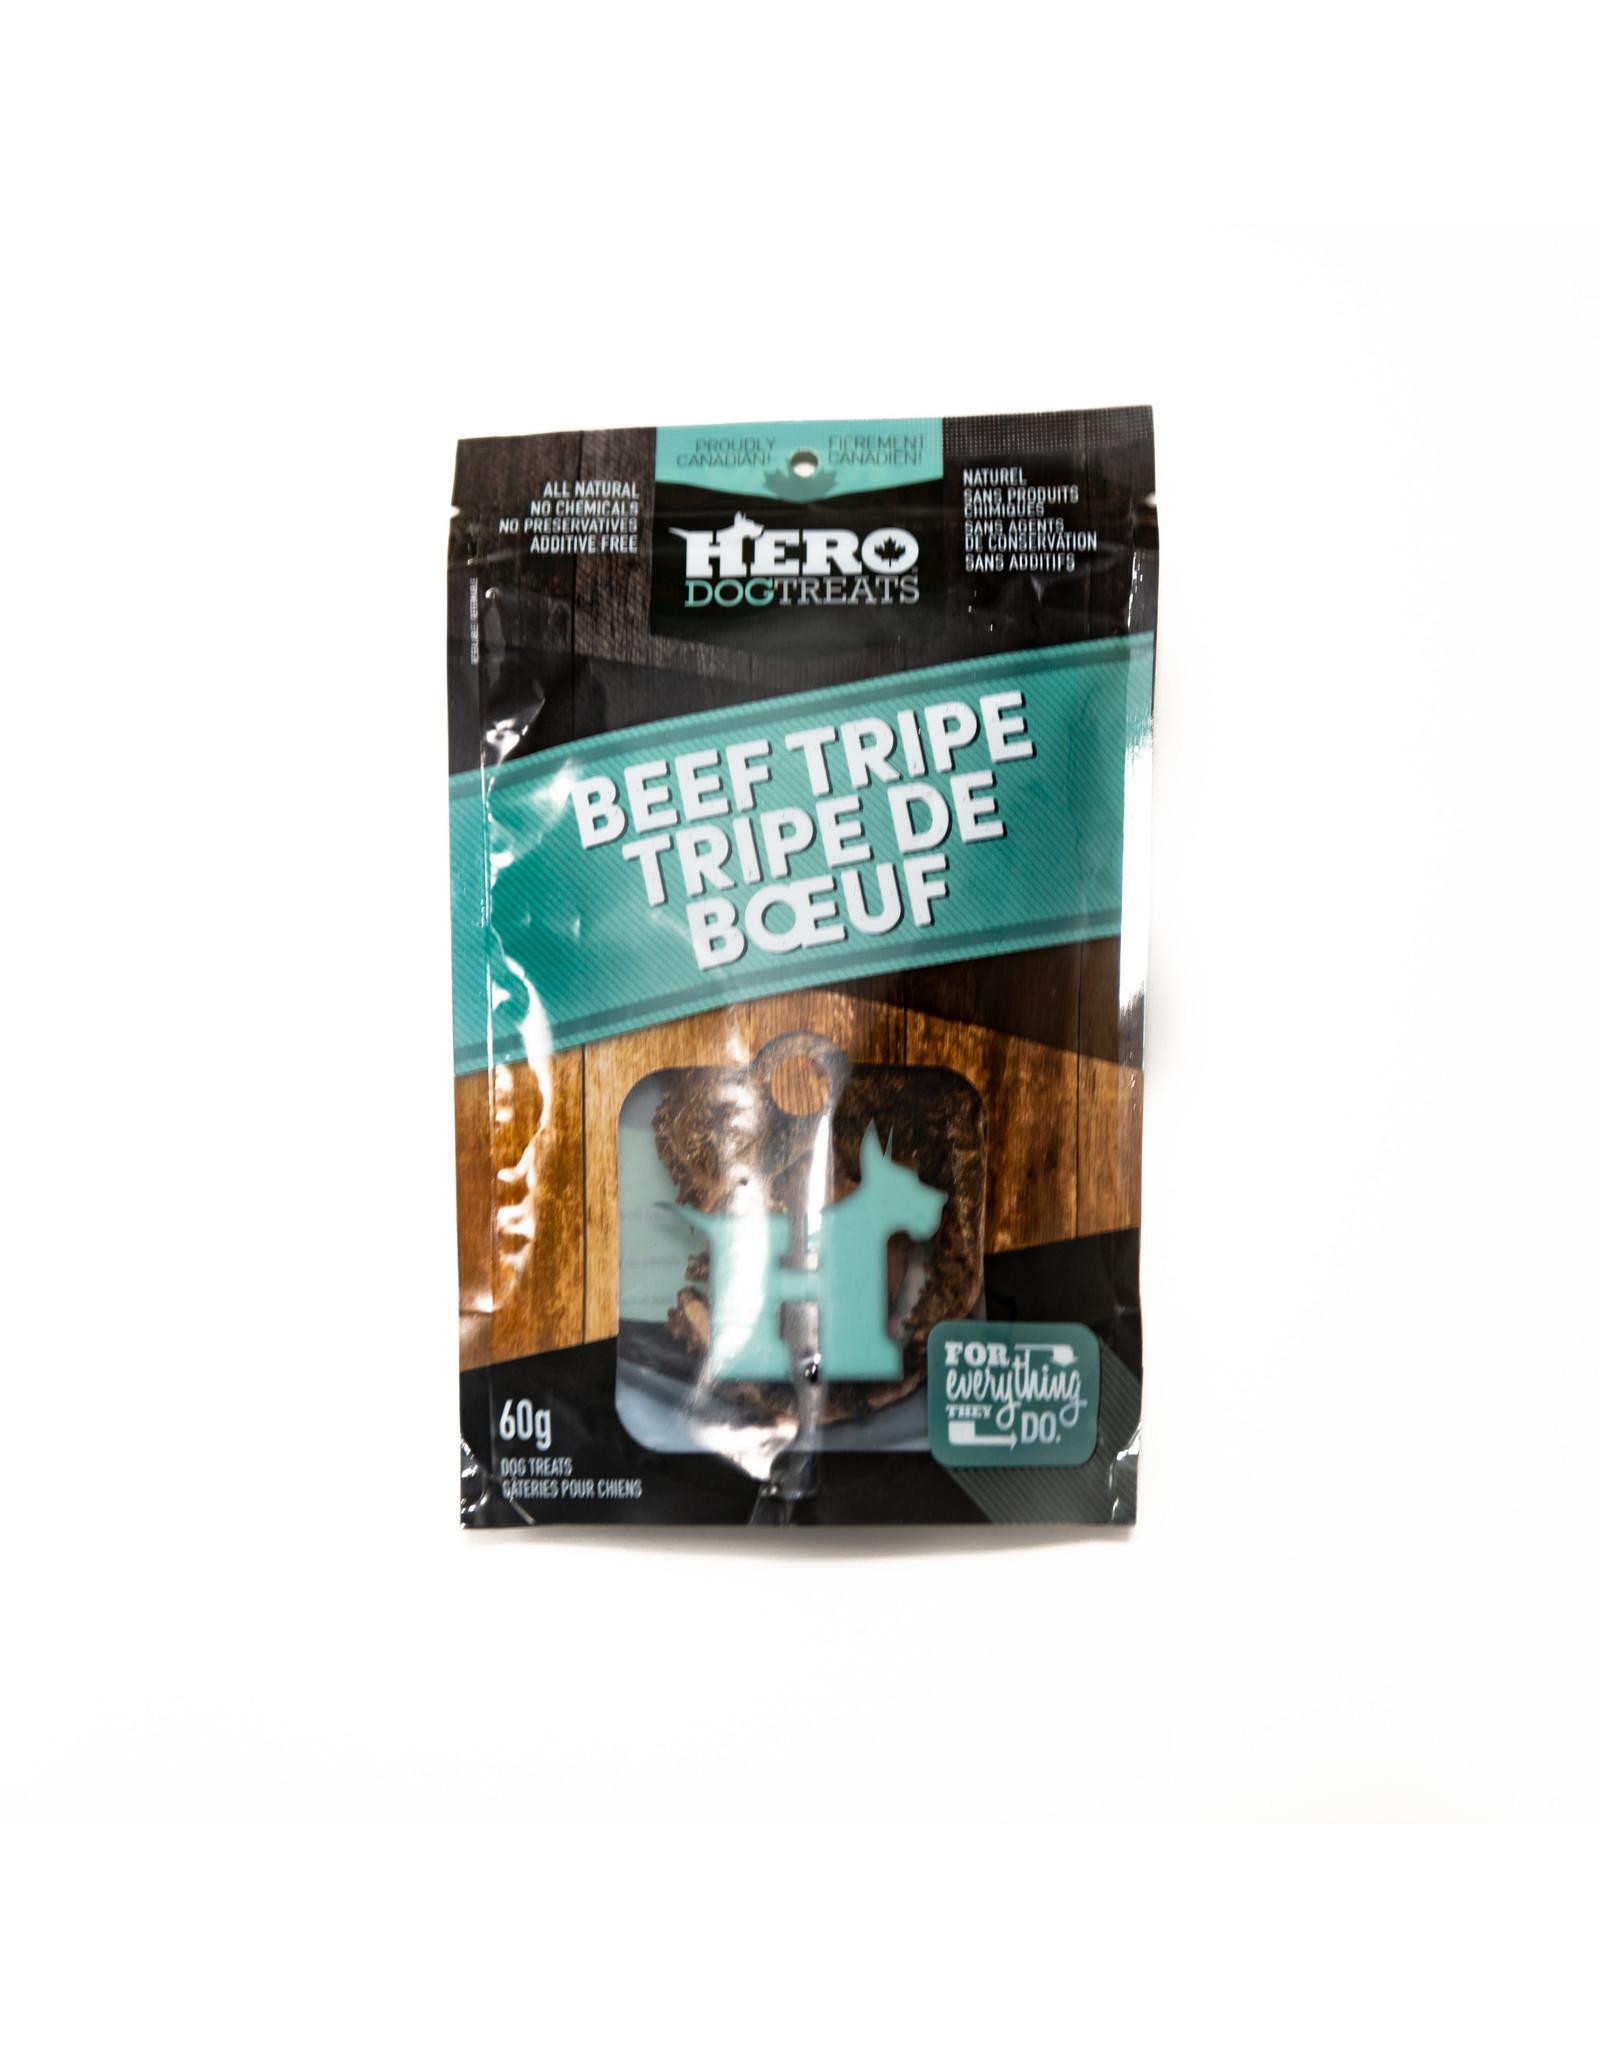 Hero Dehydrated Beef Tripe 60g